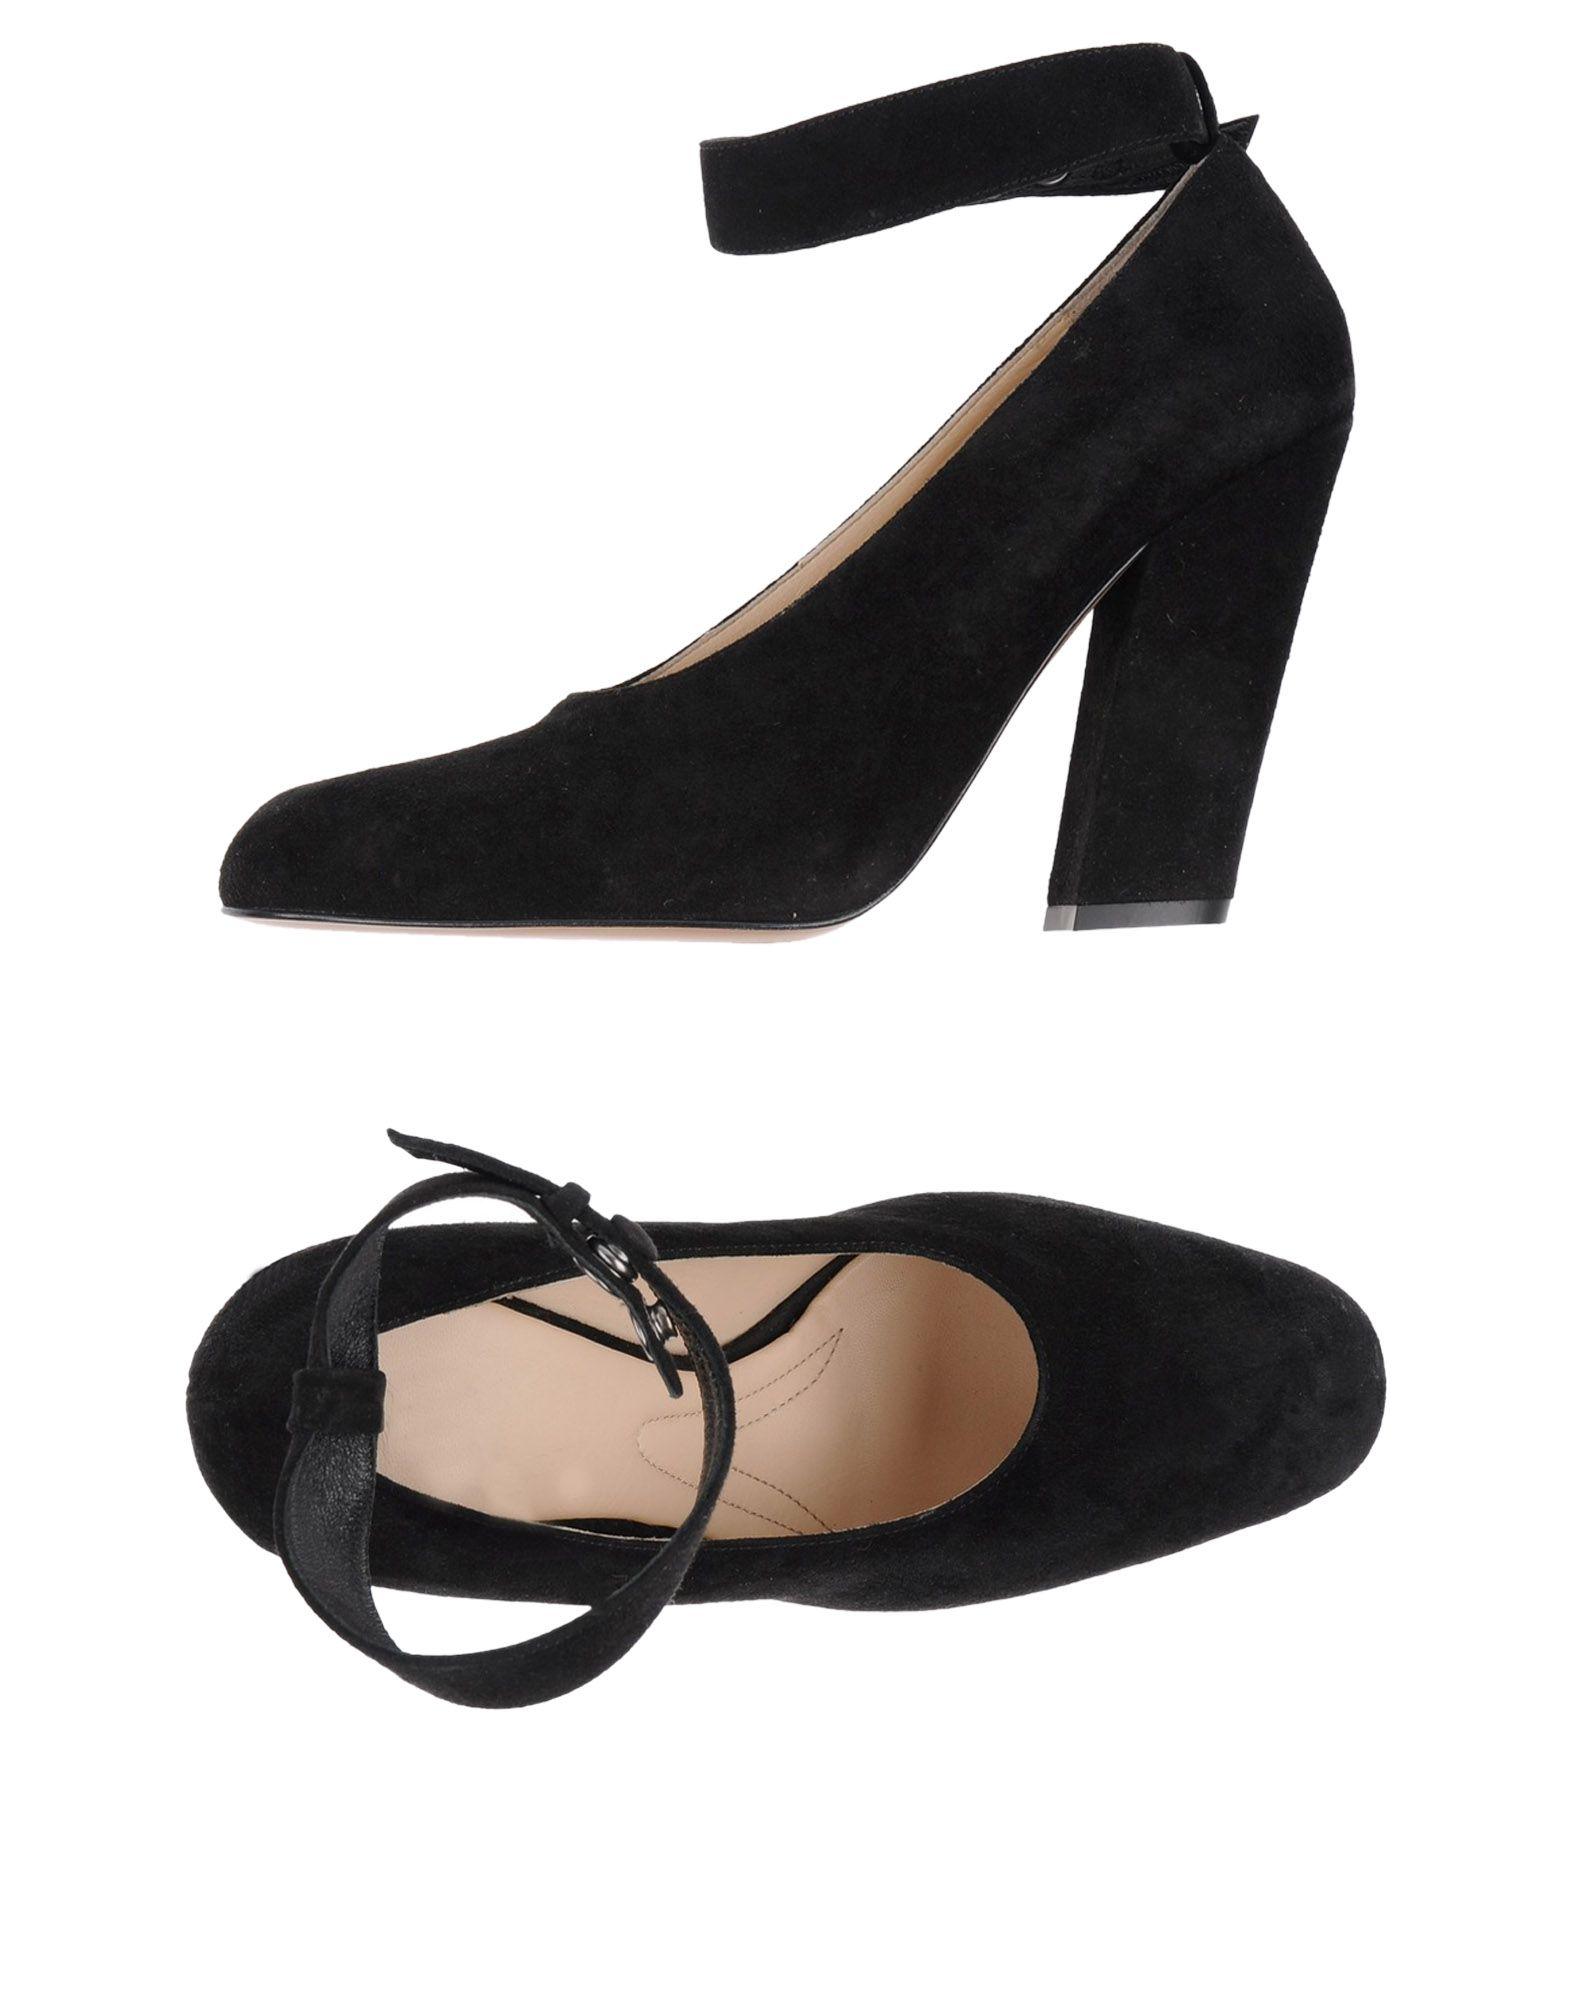 Rabatt Schuhe Chloé Pumps Damen  11014060JQ